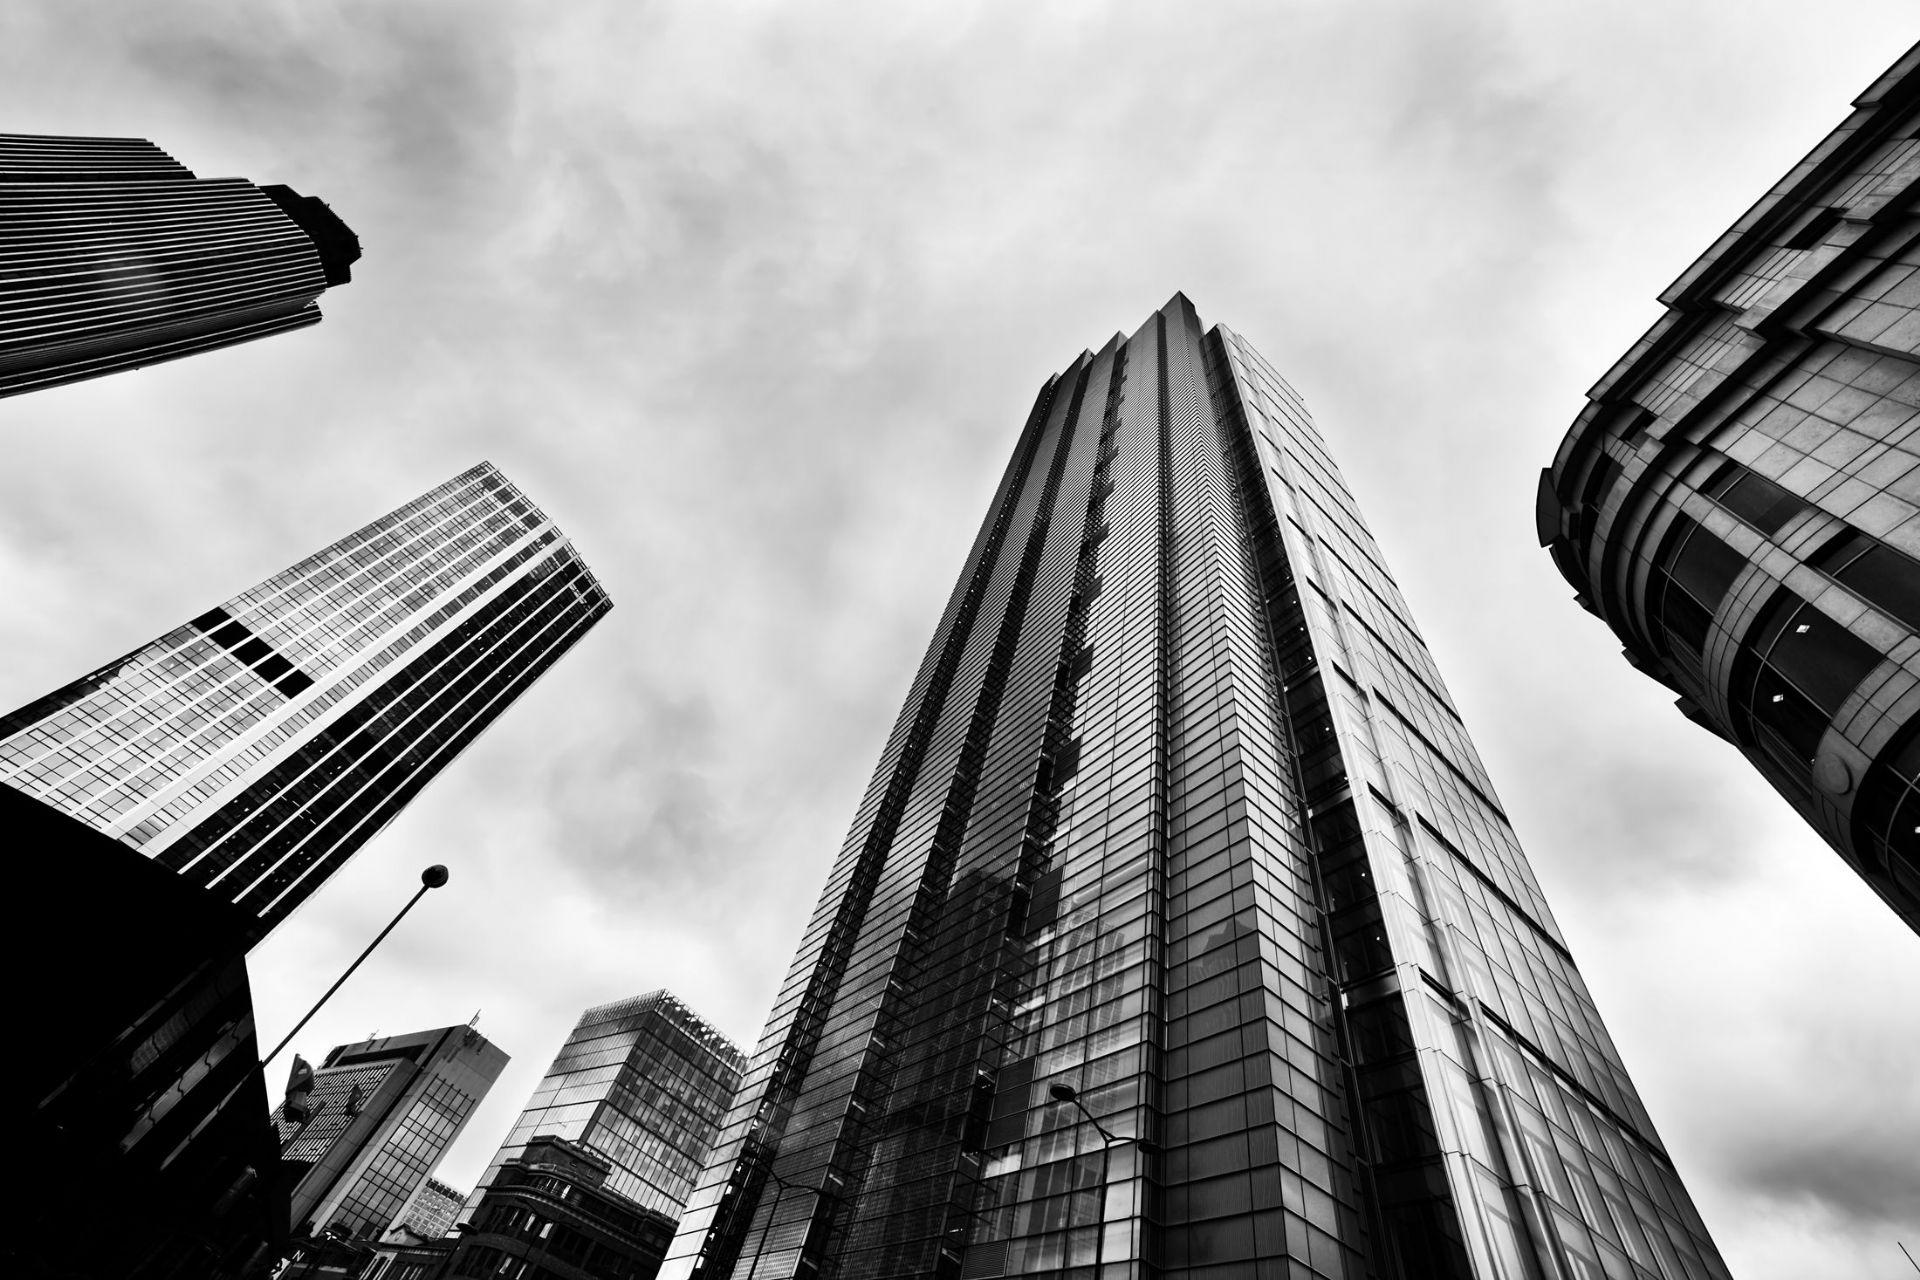 ביטוח דירה שכורה| ביטוח נכס |ביטוח לבית |ביטוח תכולה